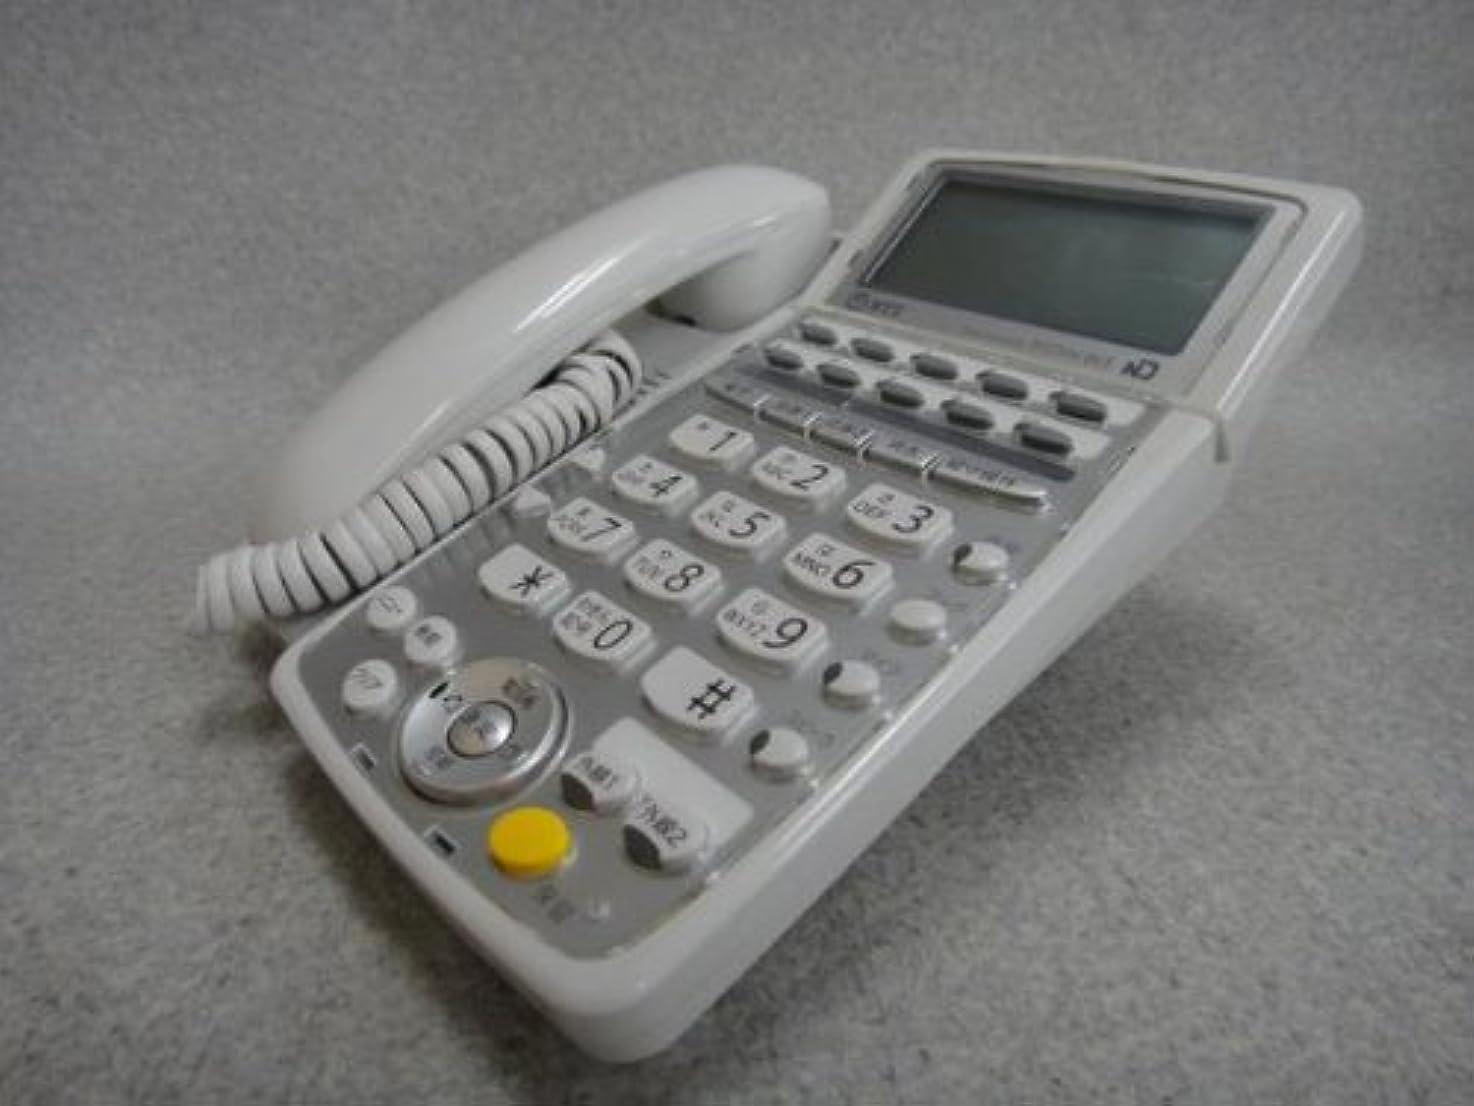 阻害する羊の自転車BX2-ARPTEL-(1)(W) NTT BX2 アナログ用留守番停電電話機 ビジネスフォン [オフィス用品] [オフィス用品]